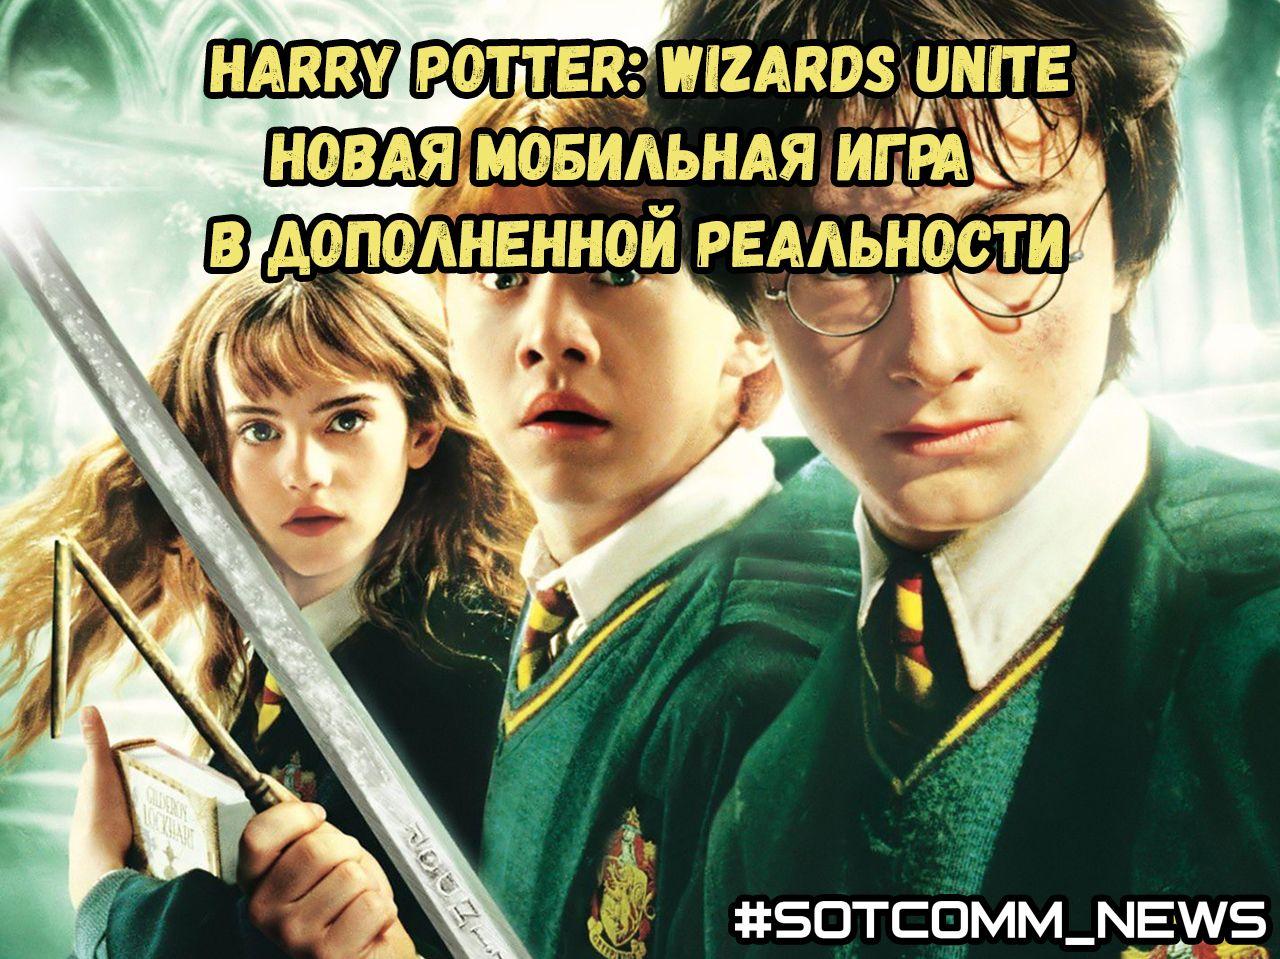 Harry Potter: Wizards Unite новая мобильная игра в дополненной реальности